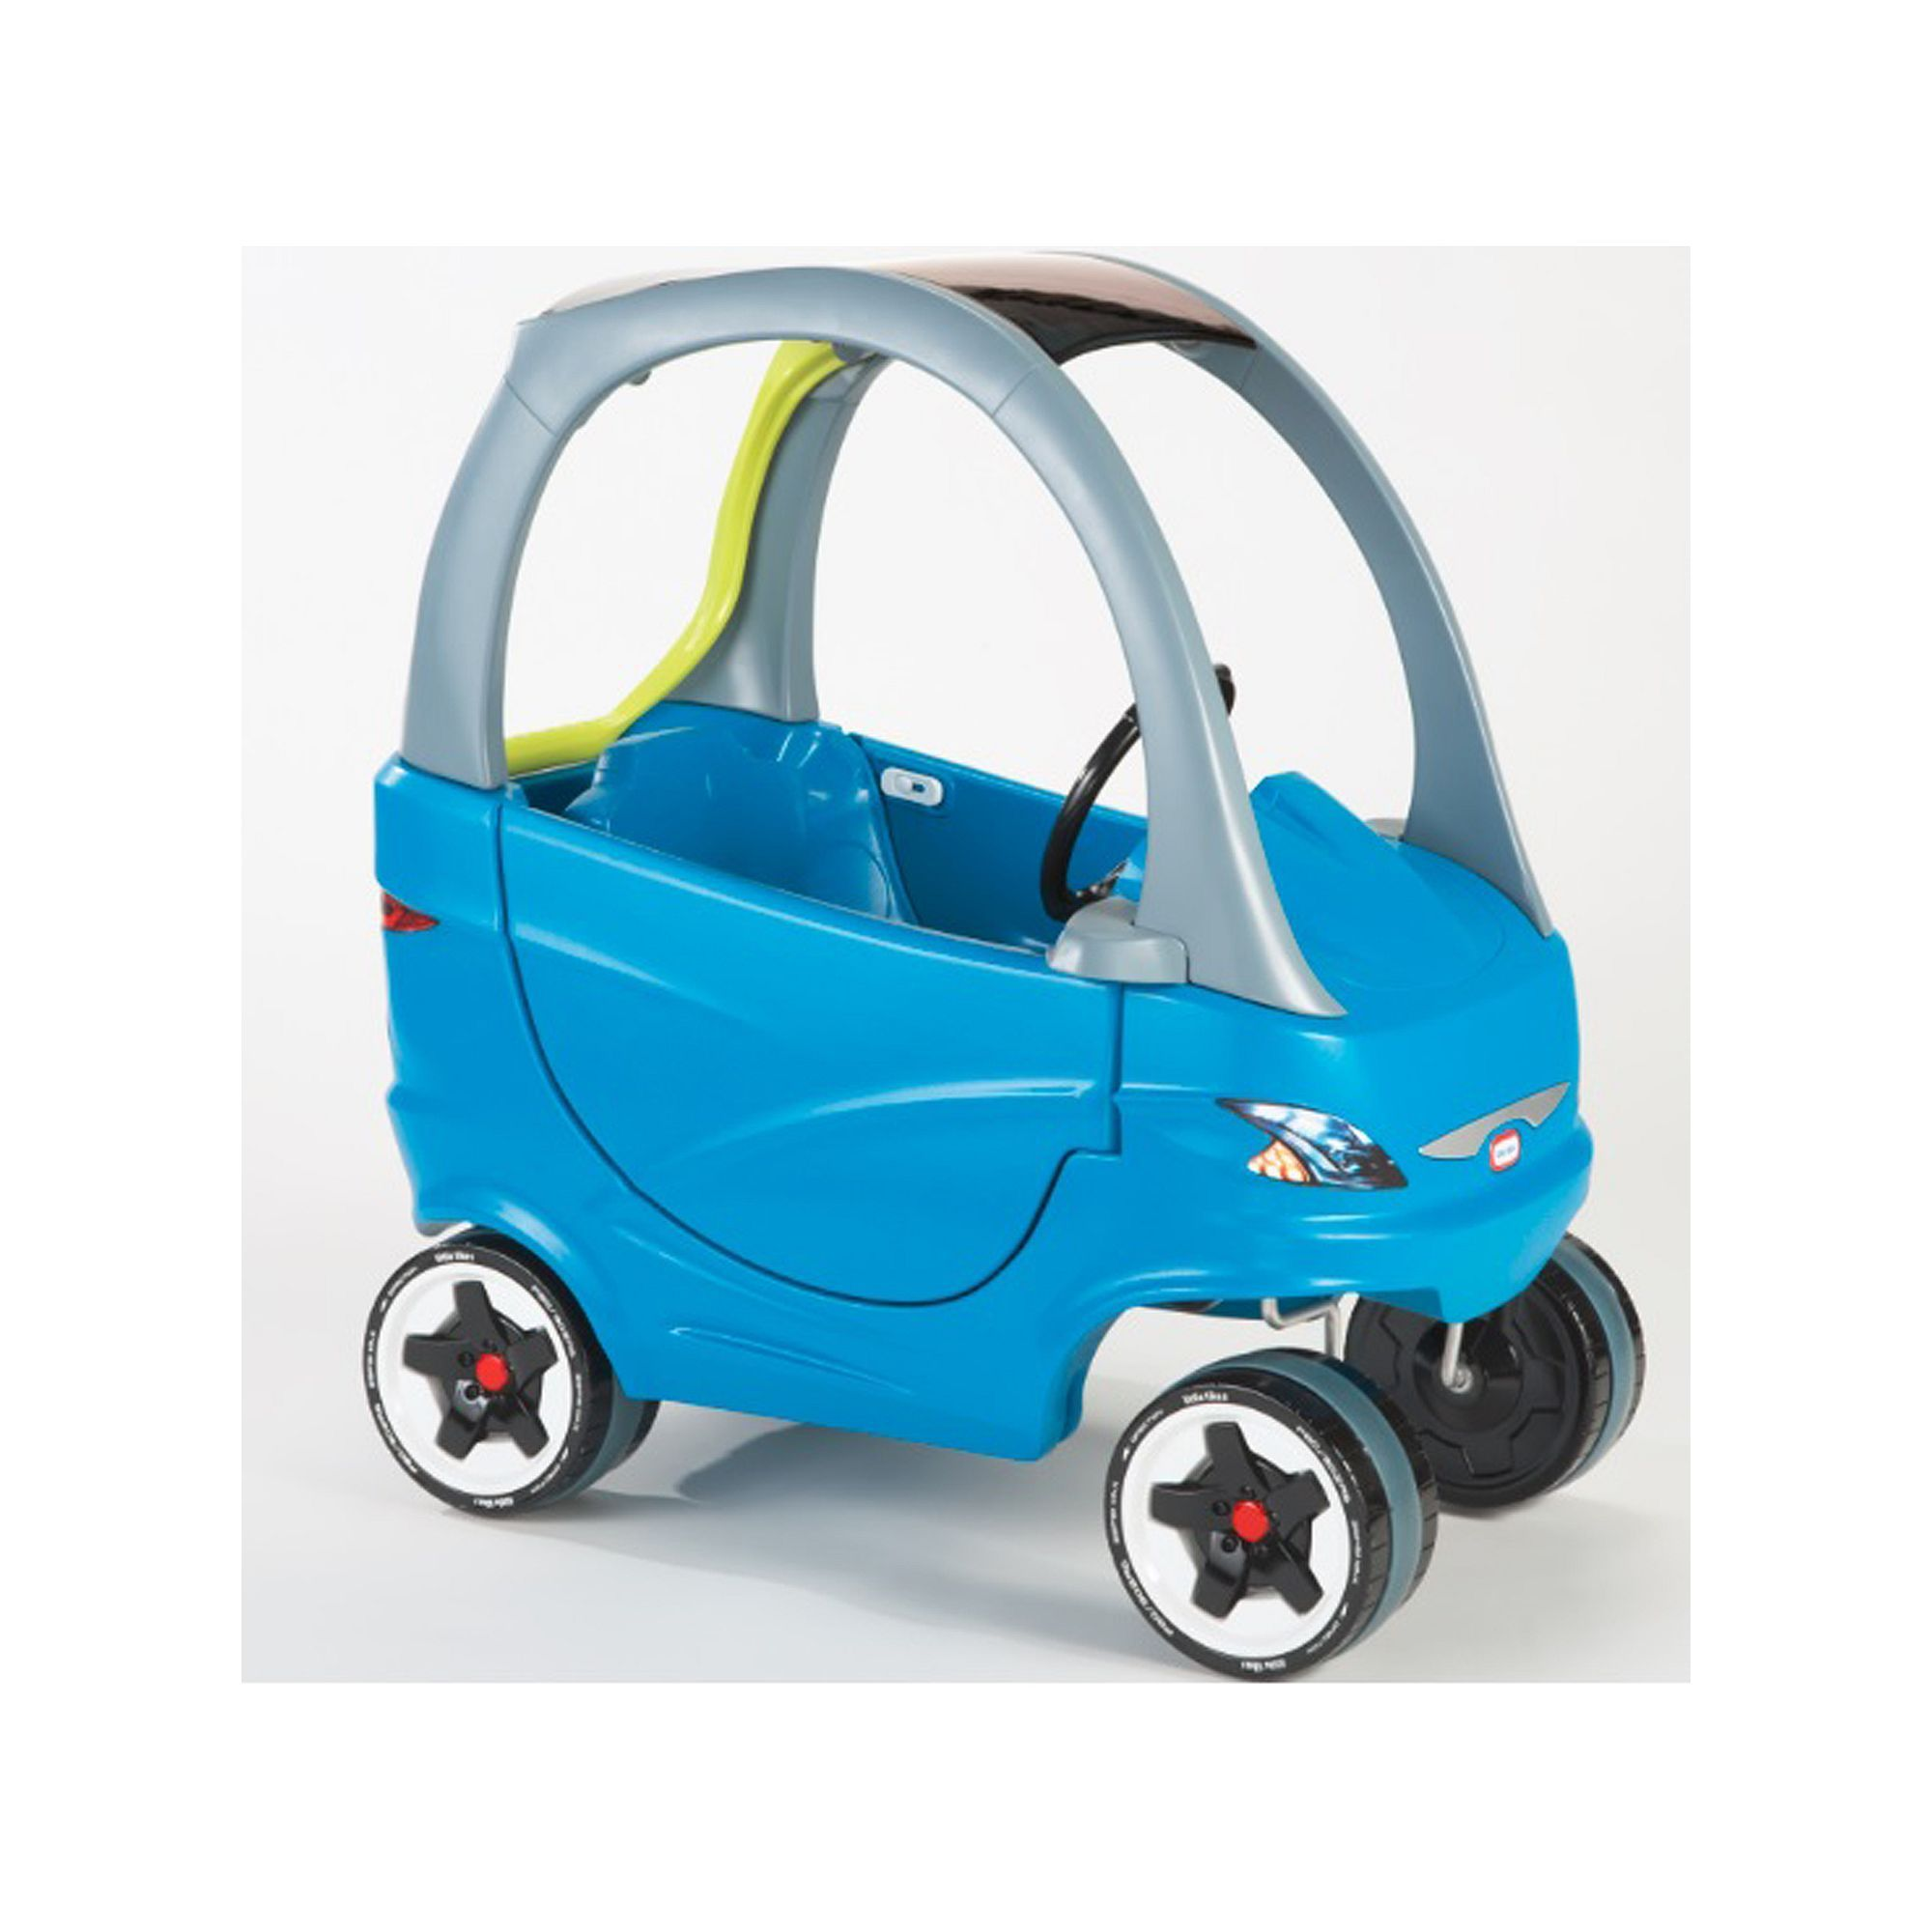 Little Tikes Cozy Coupe Sport Cozy coupe, Little tikes